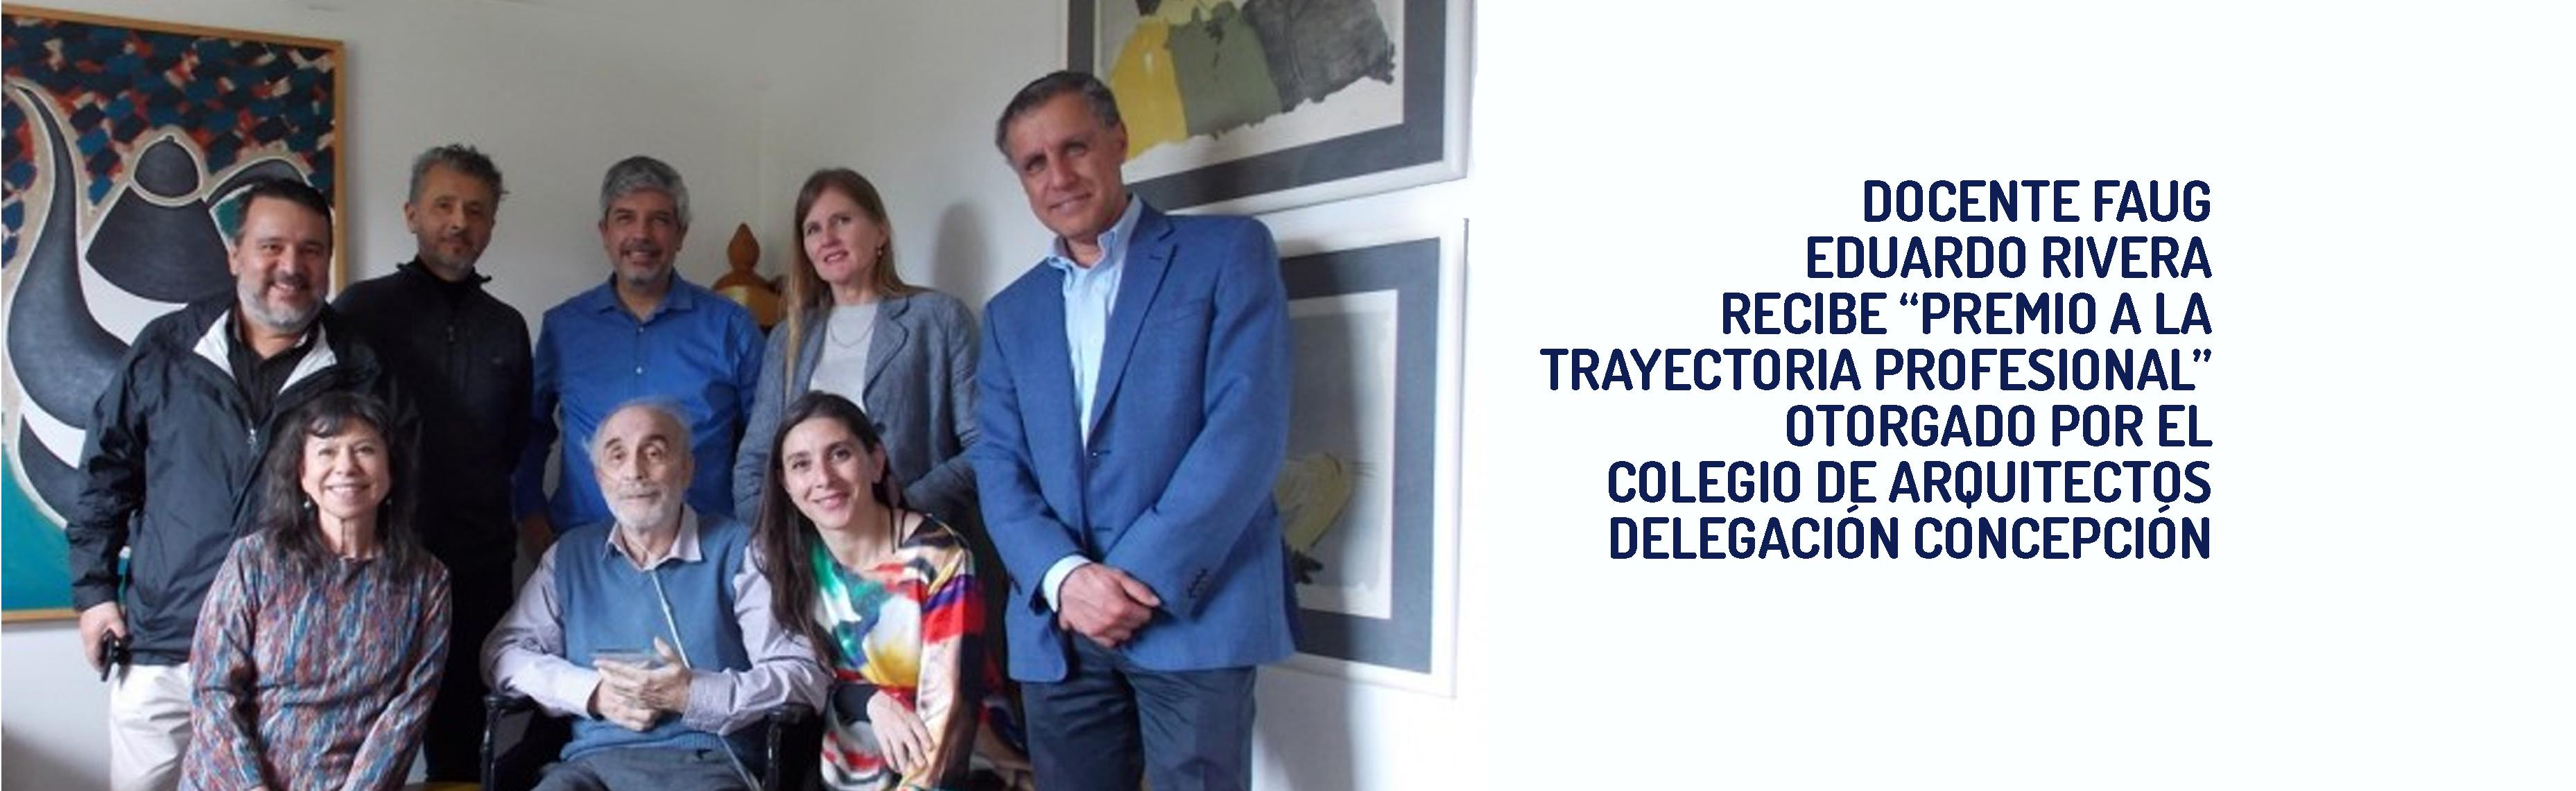 noticia-para-web-2018-premio-eduardo-rivera